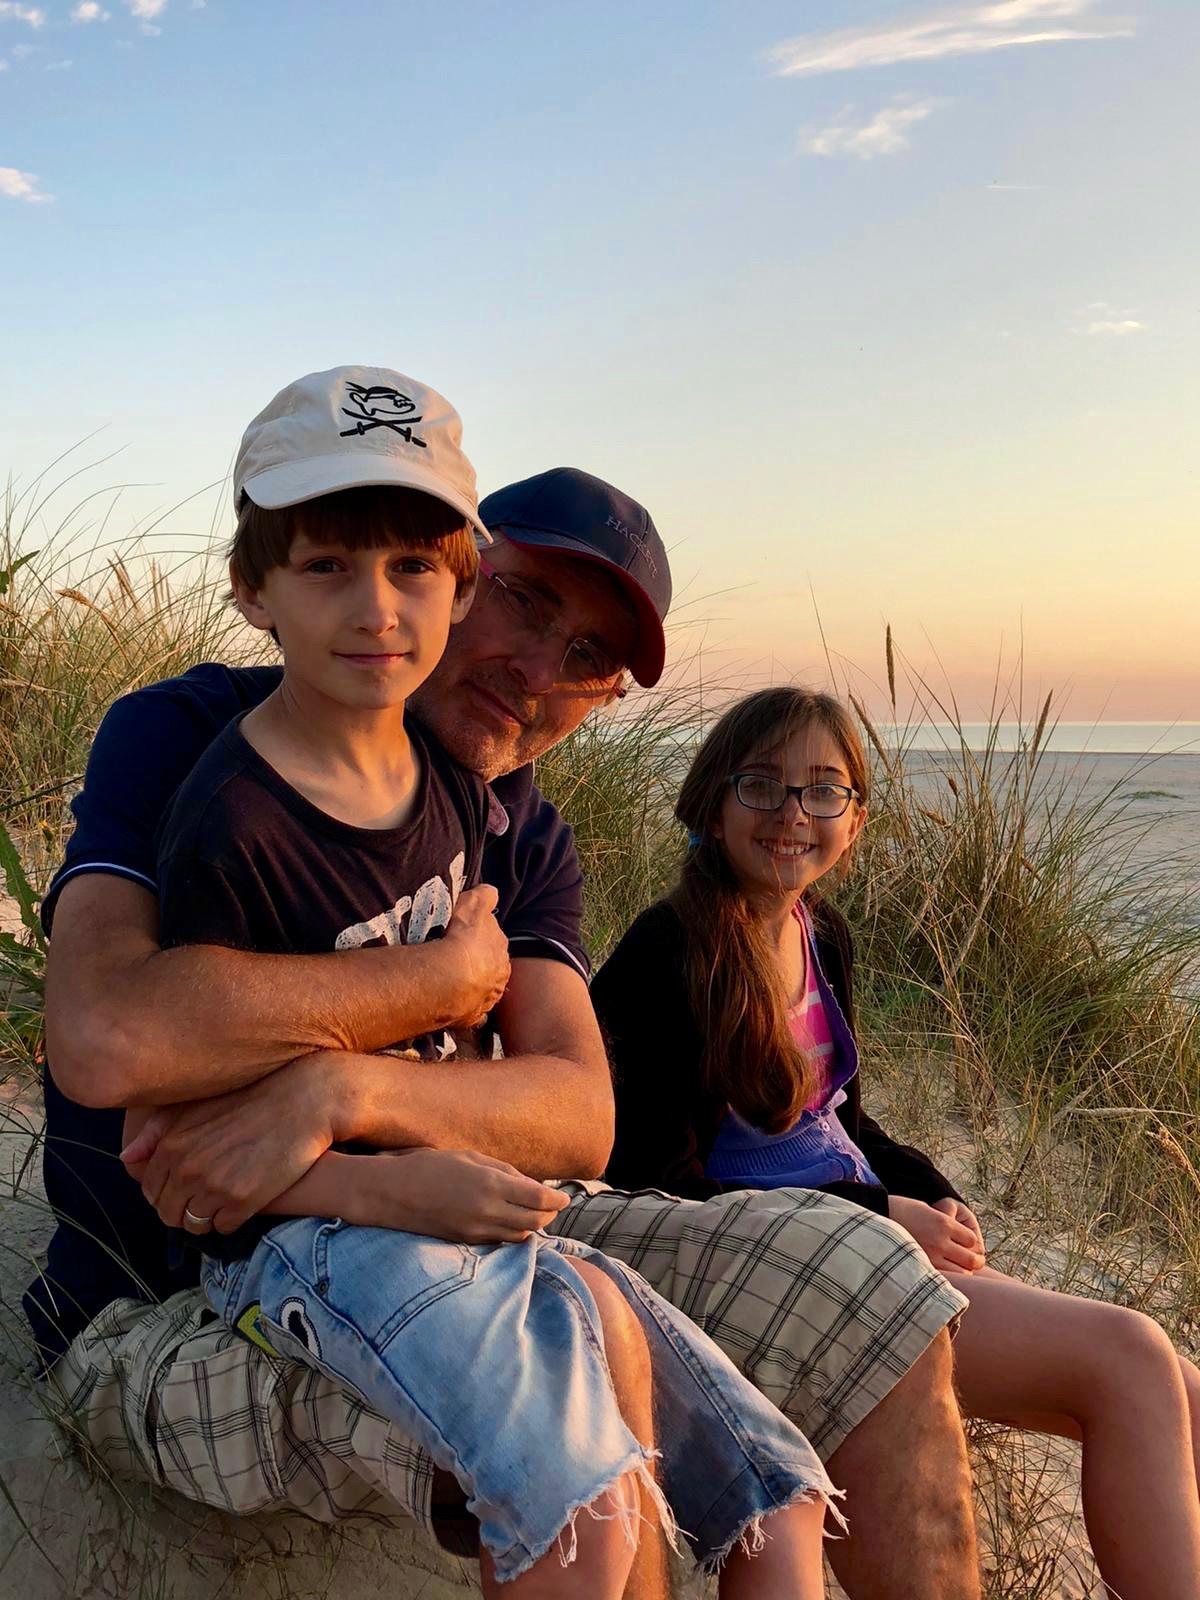 Dänemark-Rundreise im Sommer 2020: Meine Familie am Strand von Grønhoj